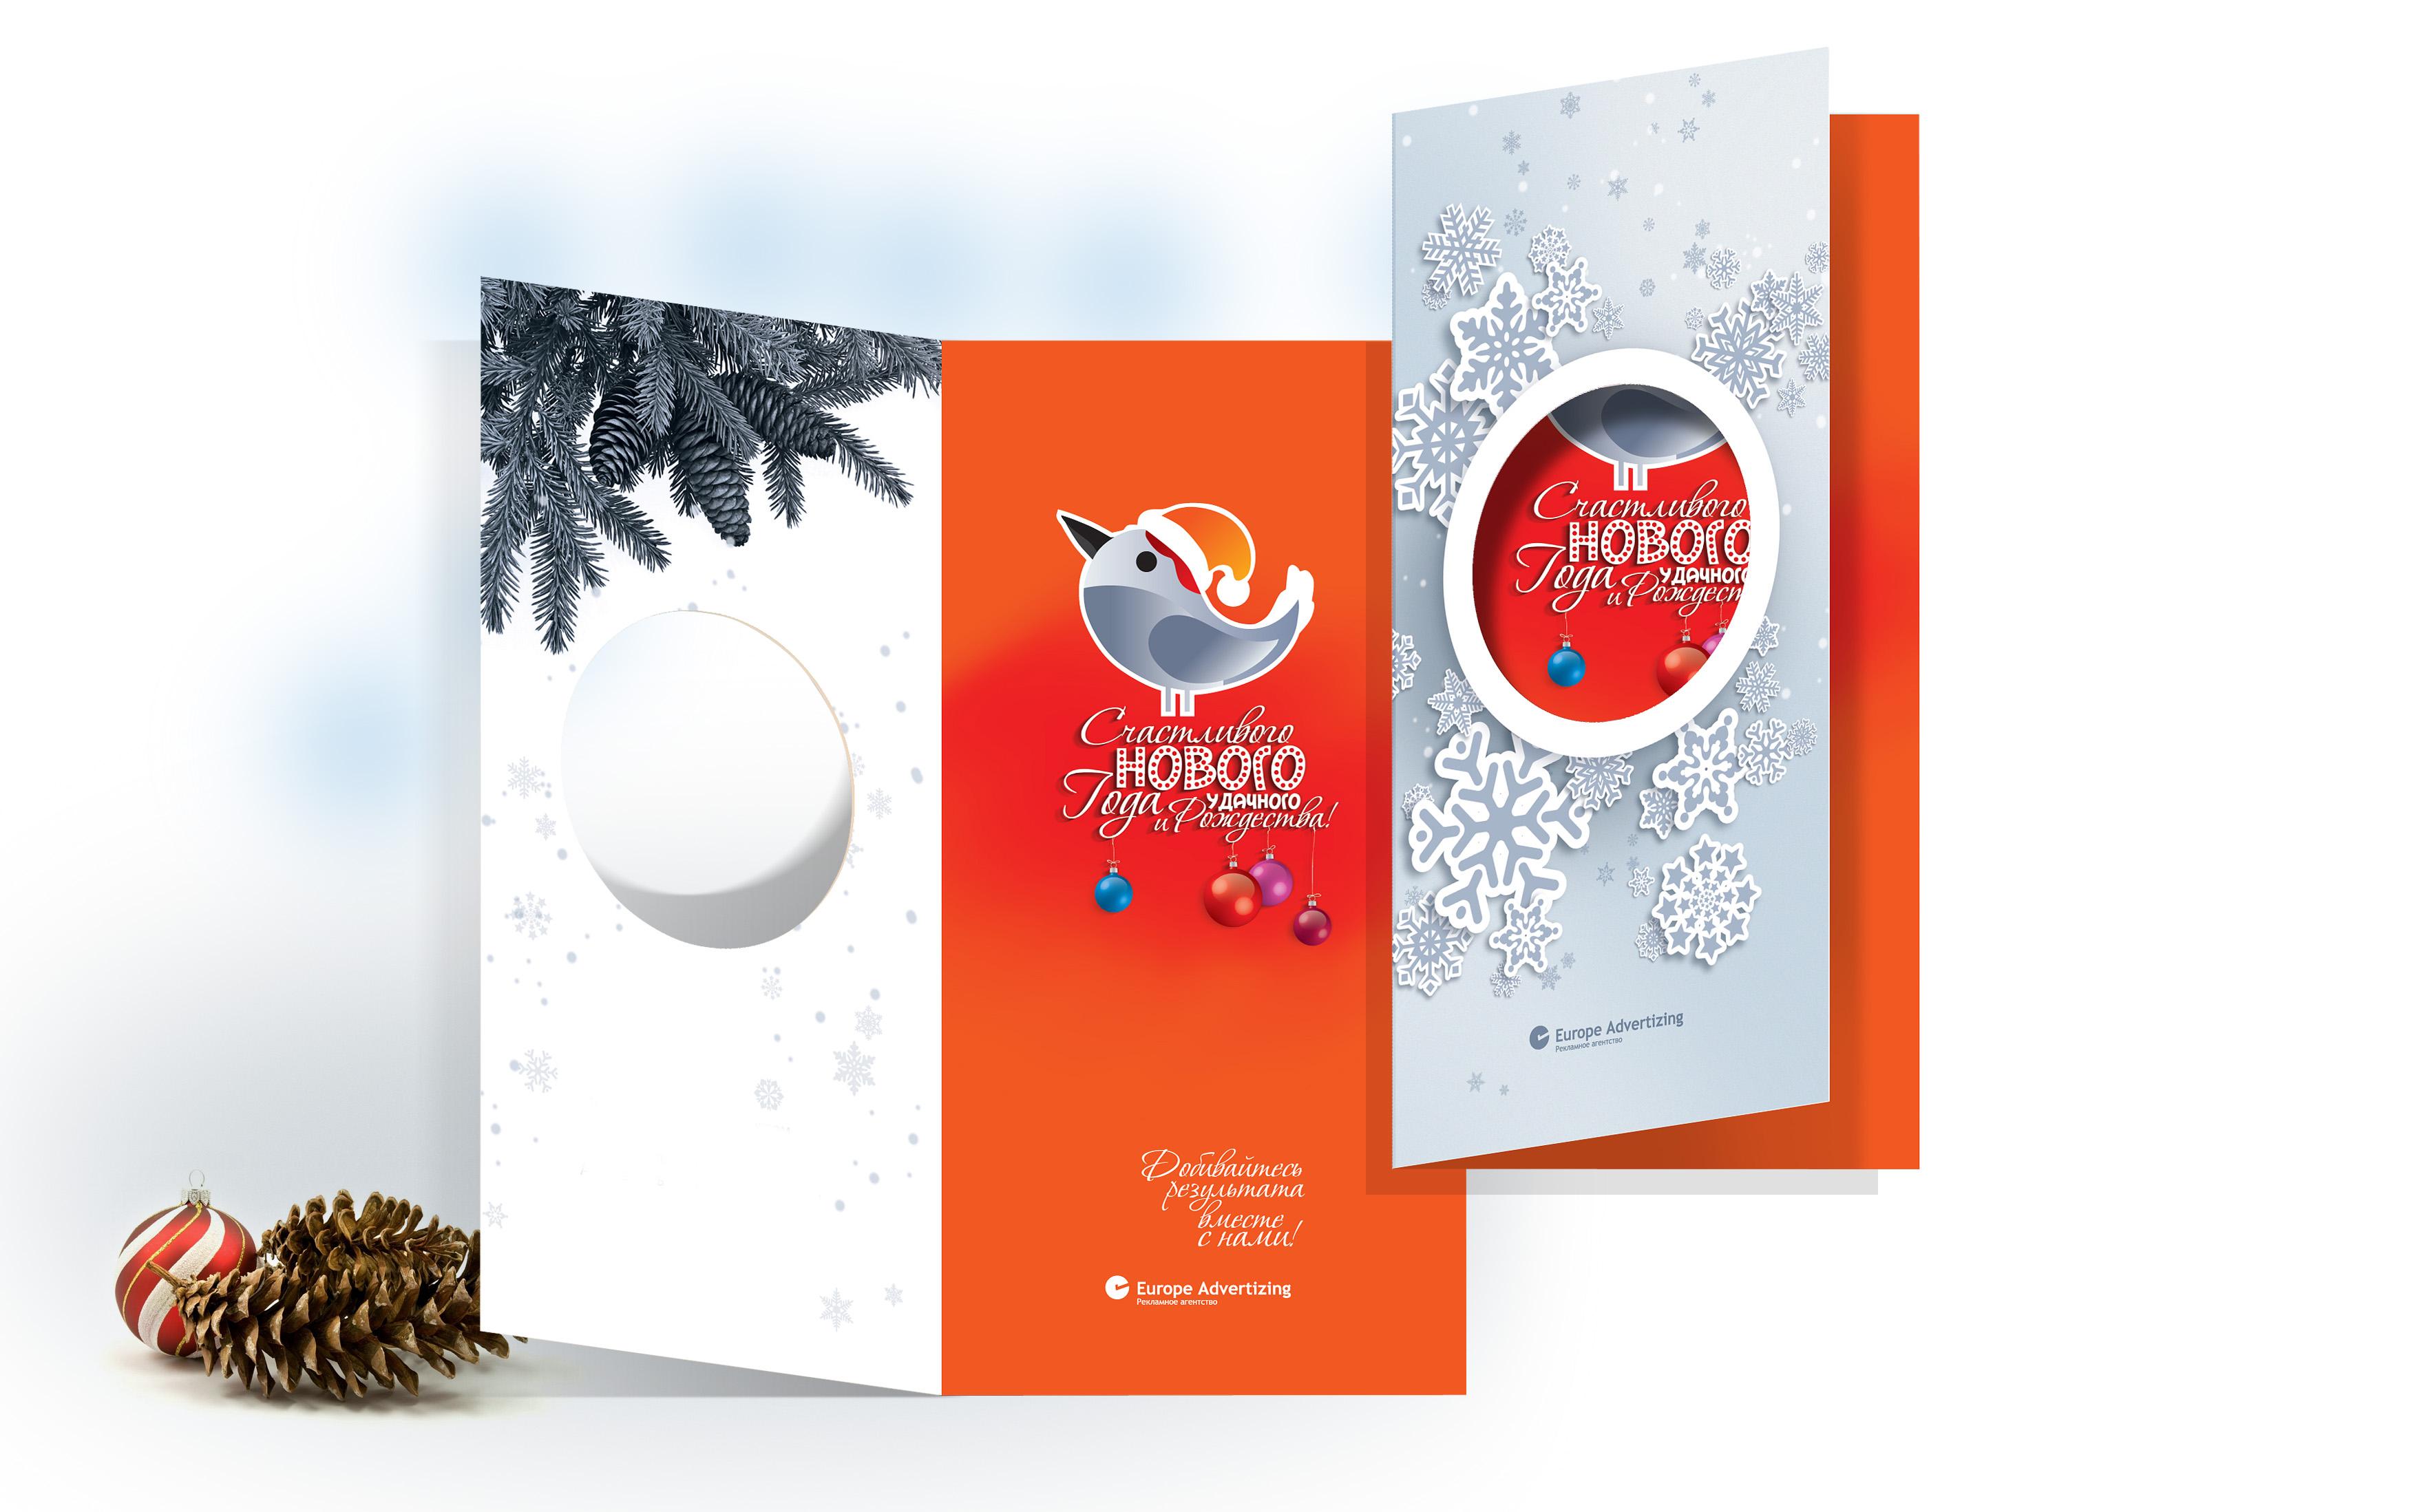 """Дизайн открытки """"Счастливого Нового Года и удачного Рождества"""" для компании """"Europe Advertizing"""""""